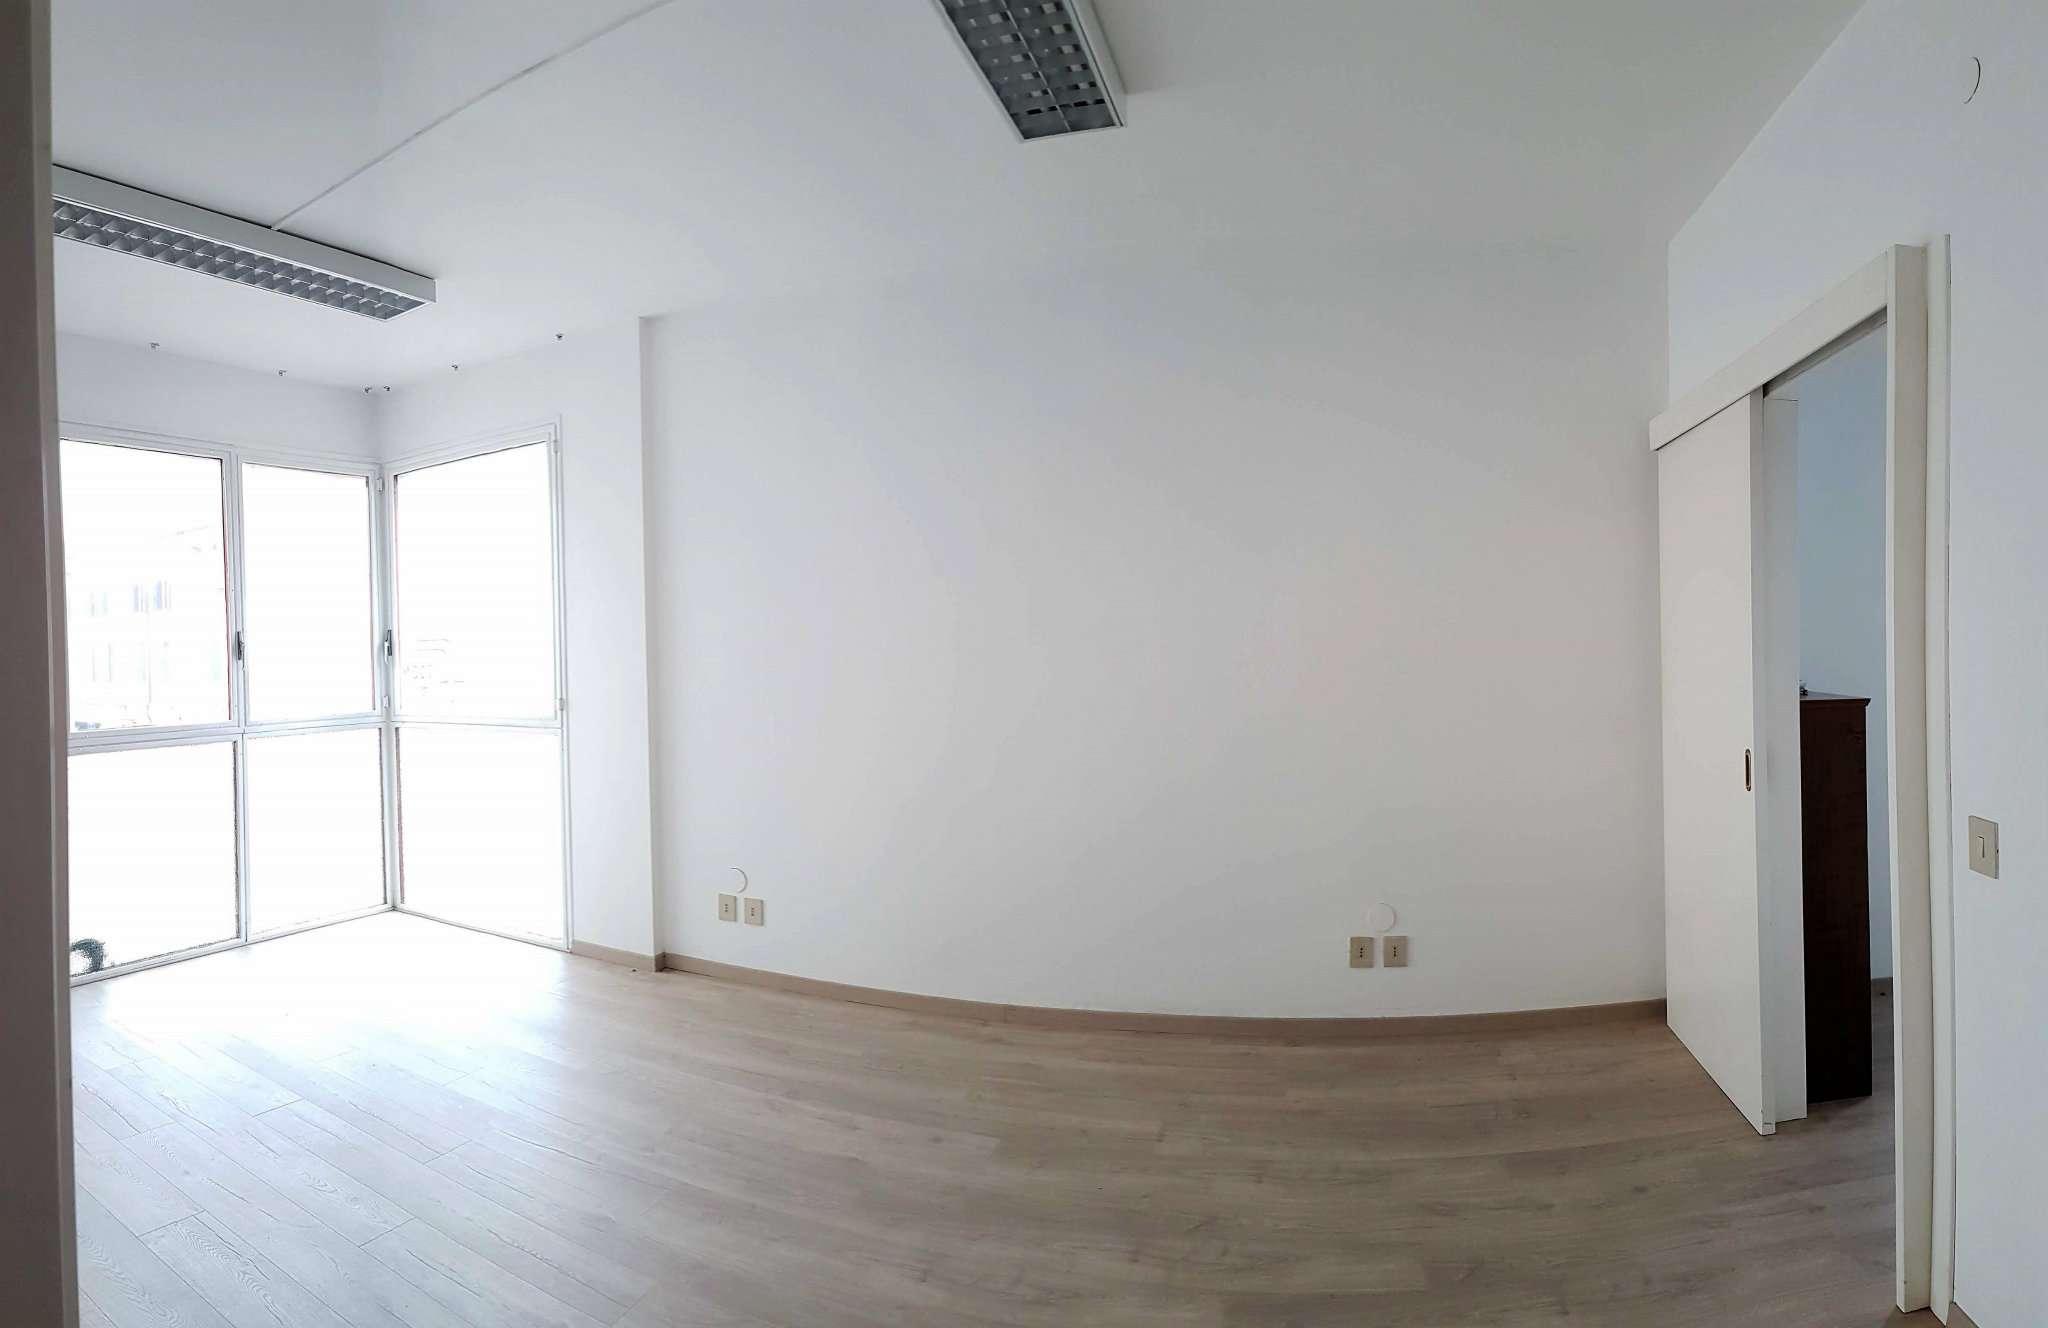 Ufficio / Studio in affitto a Mirano, 9999 locali, prezzo € 600 | CambioCasa.it